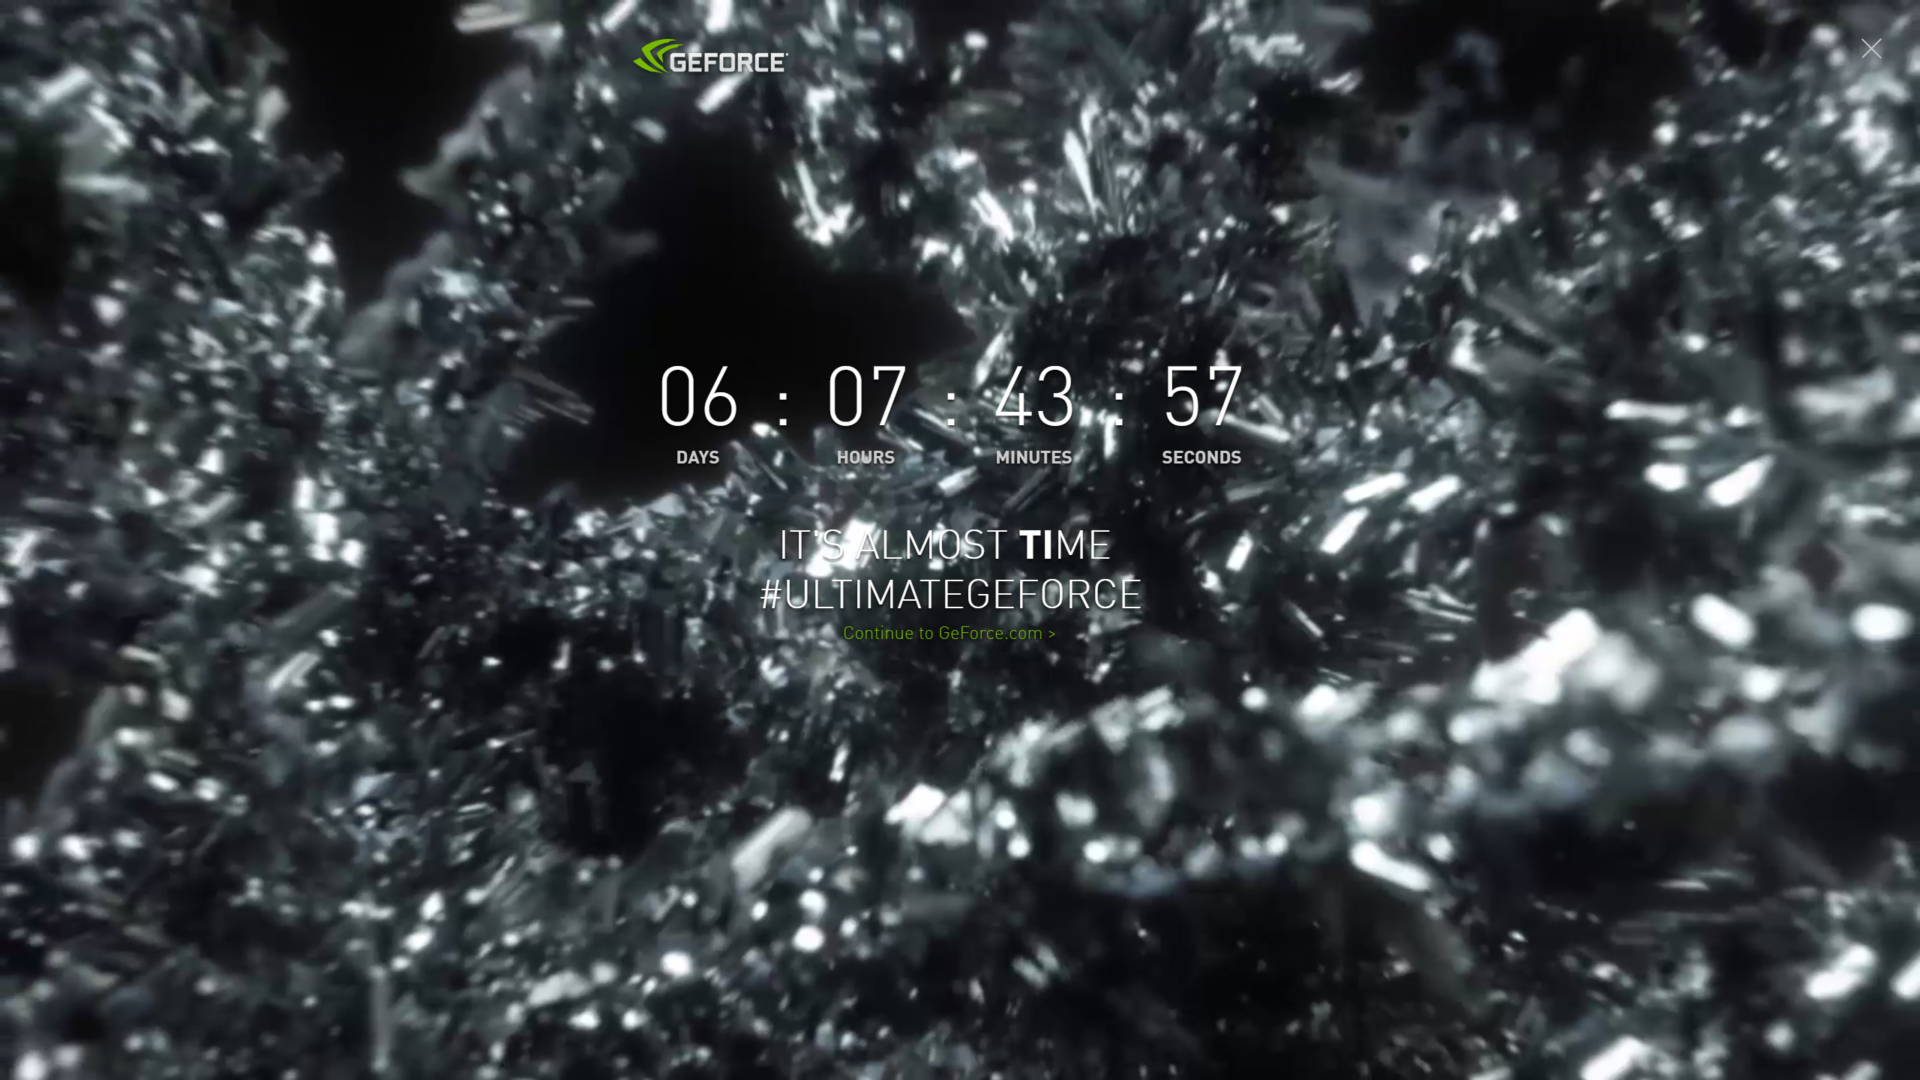 العد التنازلي قد بدأ! انفيديا تستعد للكشف عن بطاقة GTX 1080 Ti